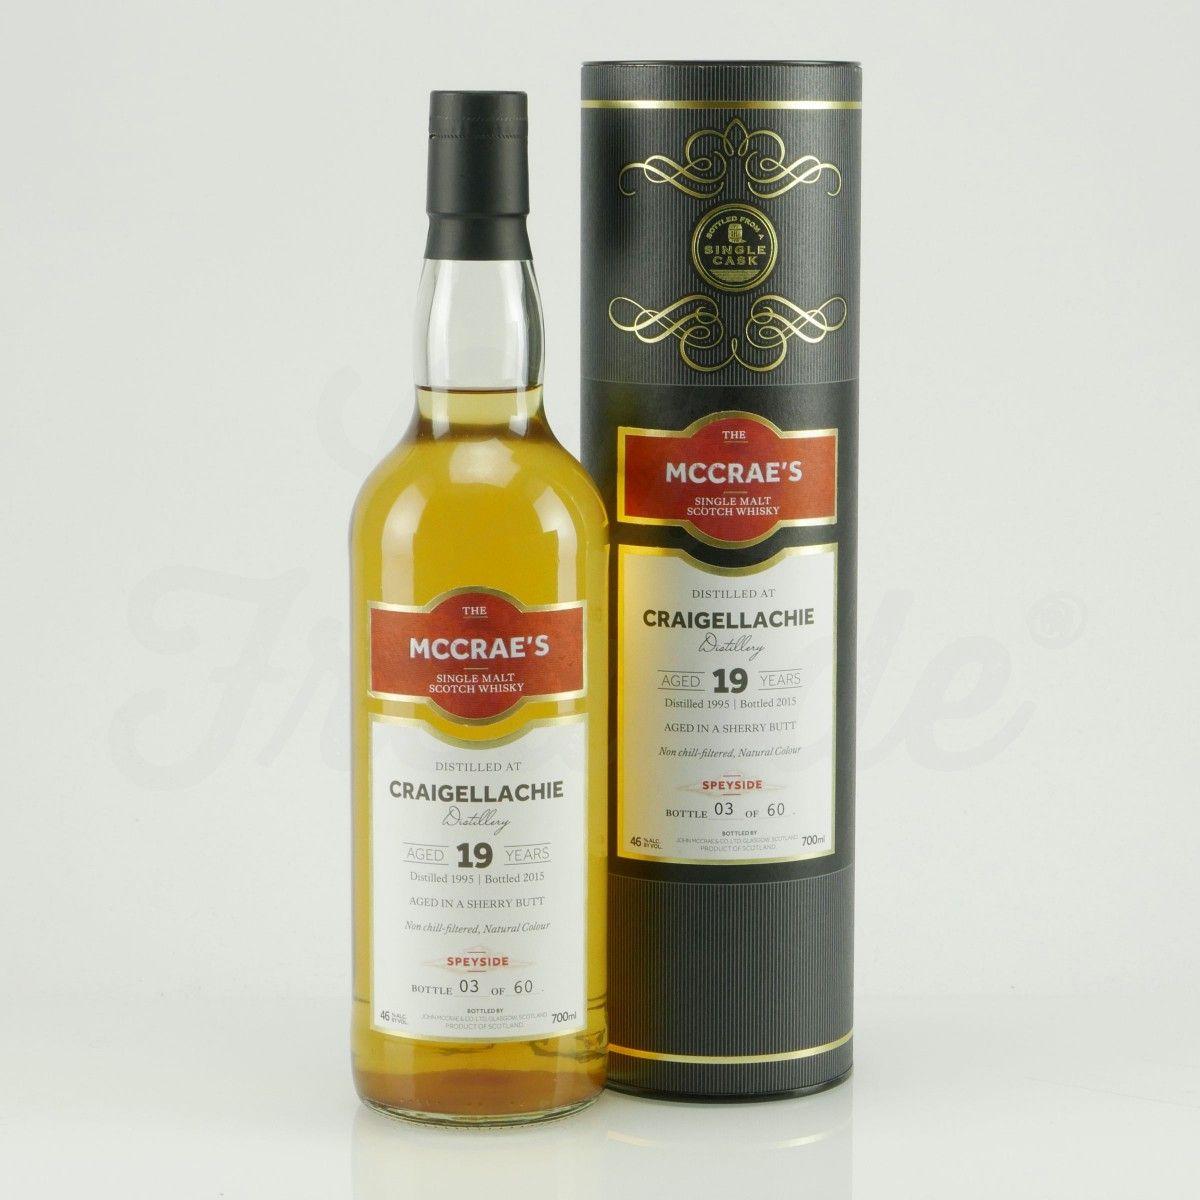 """105 Euro #whisky - MCCRAE'S Craigellachie Spey Si.Ca.Scotch Whisky19J - Schottischer Craigellachie Whisky, Speyside Region, recht süss, malzig-nussig, oftmals fuchtig und rauchig. Auf 60 Flaschen limitiert, 1995 destilliert und in einem """"Sherry Butt"""" gereift, aus einem Fass abgefüllt."""